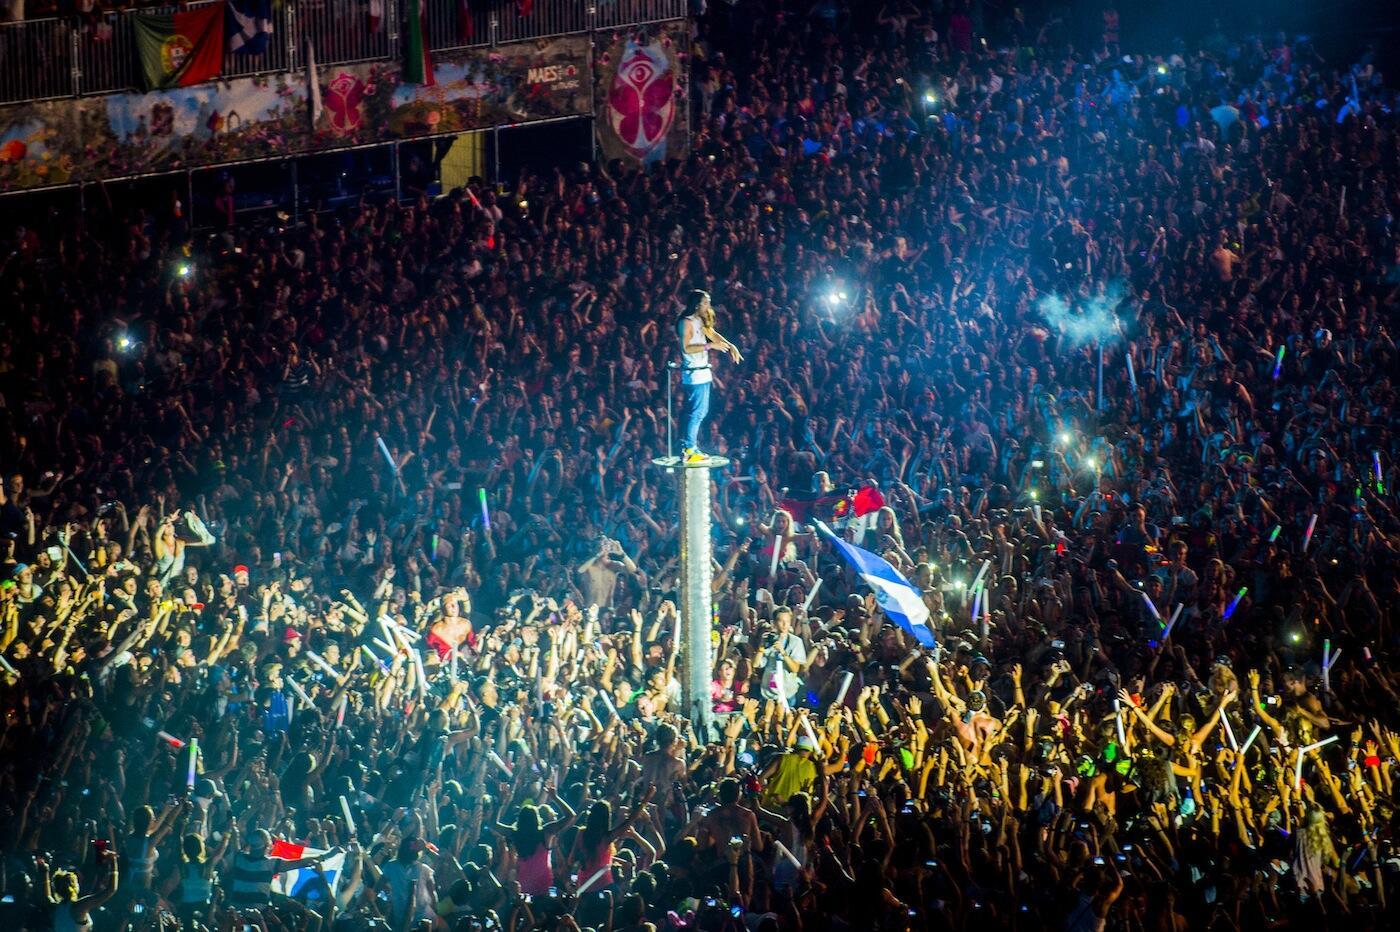 Als Tomorrowland een koning zou hebben, het zou Koning Steve zijn! http://t.co/I6c3EwQSvu